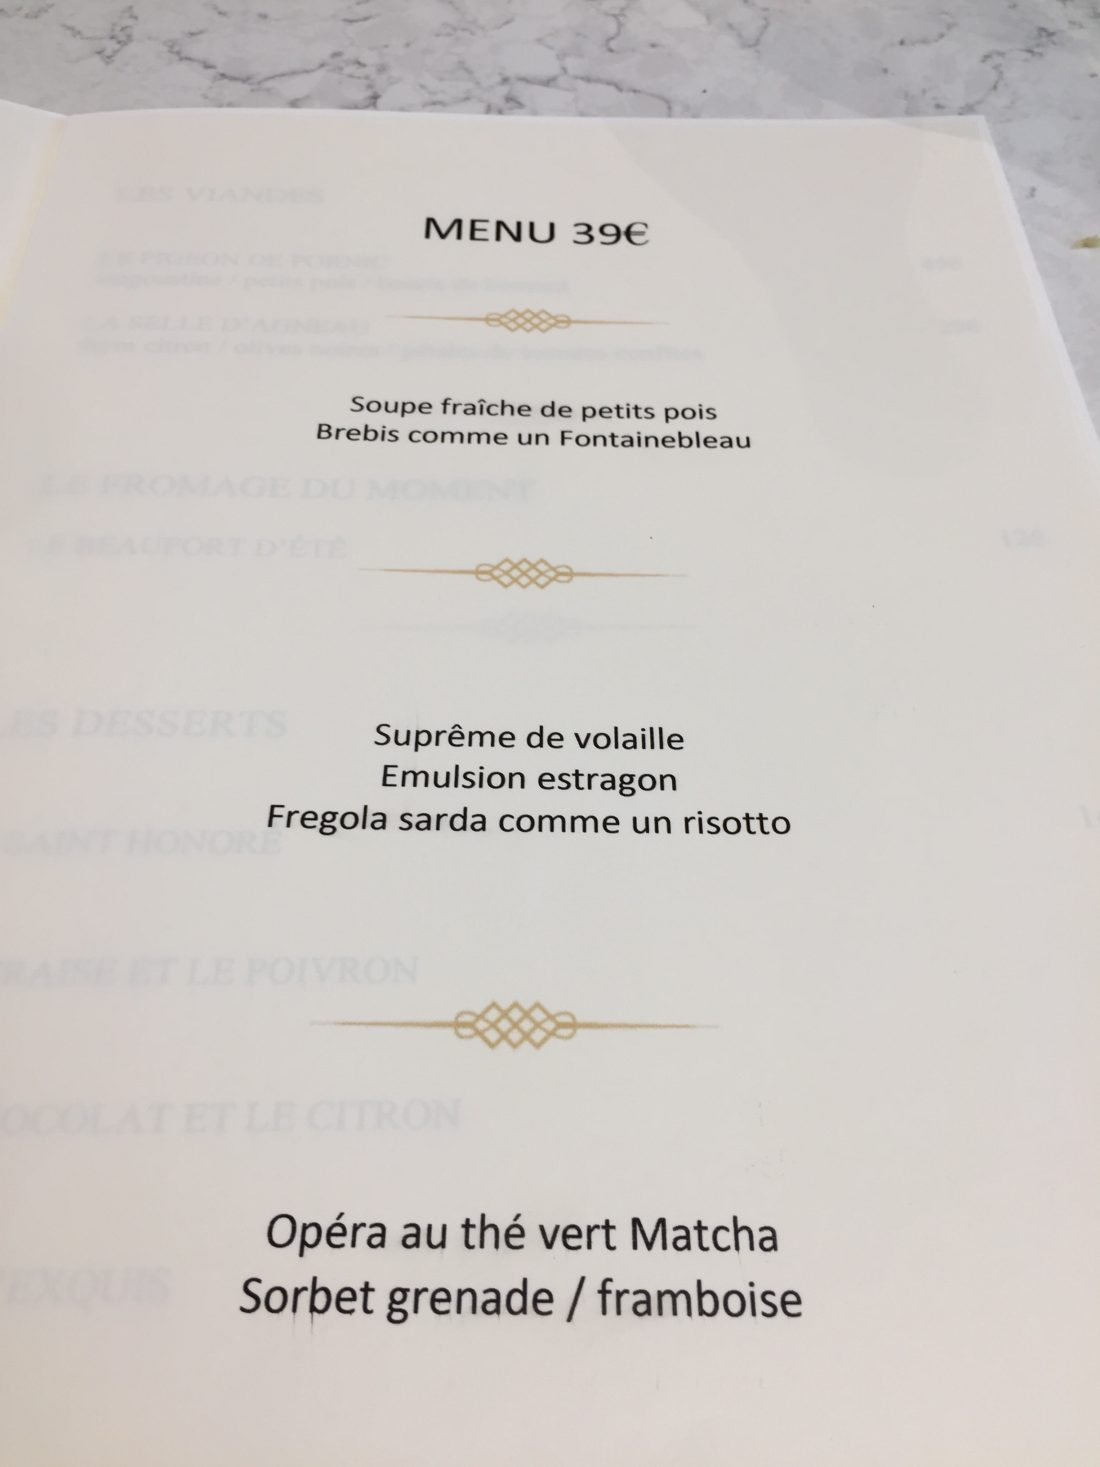 Le menu du jour  ©mtanguy